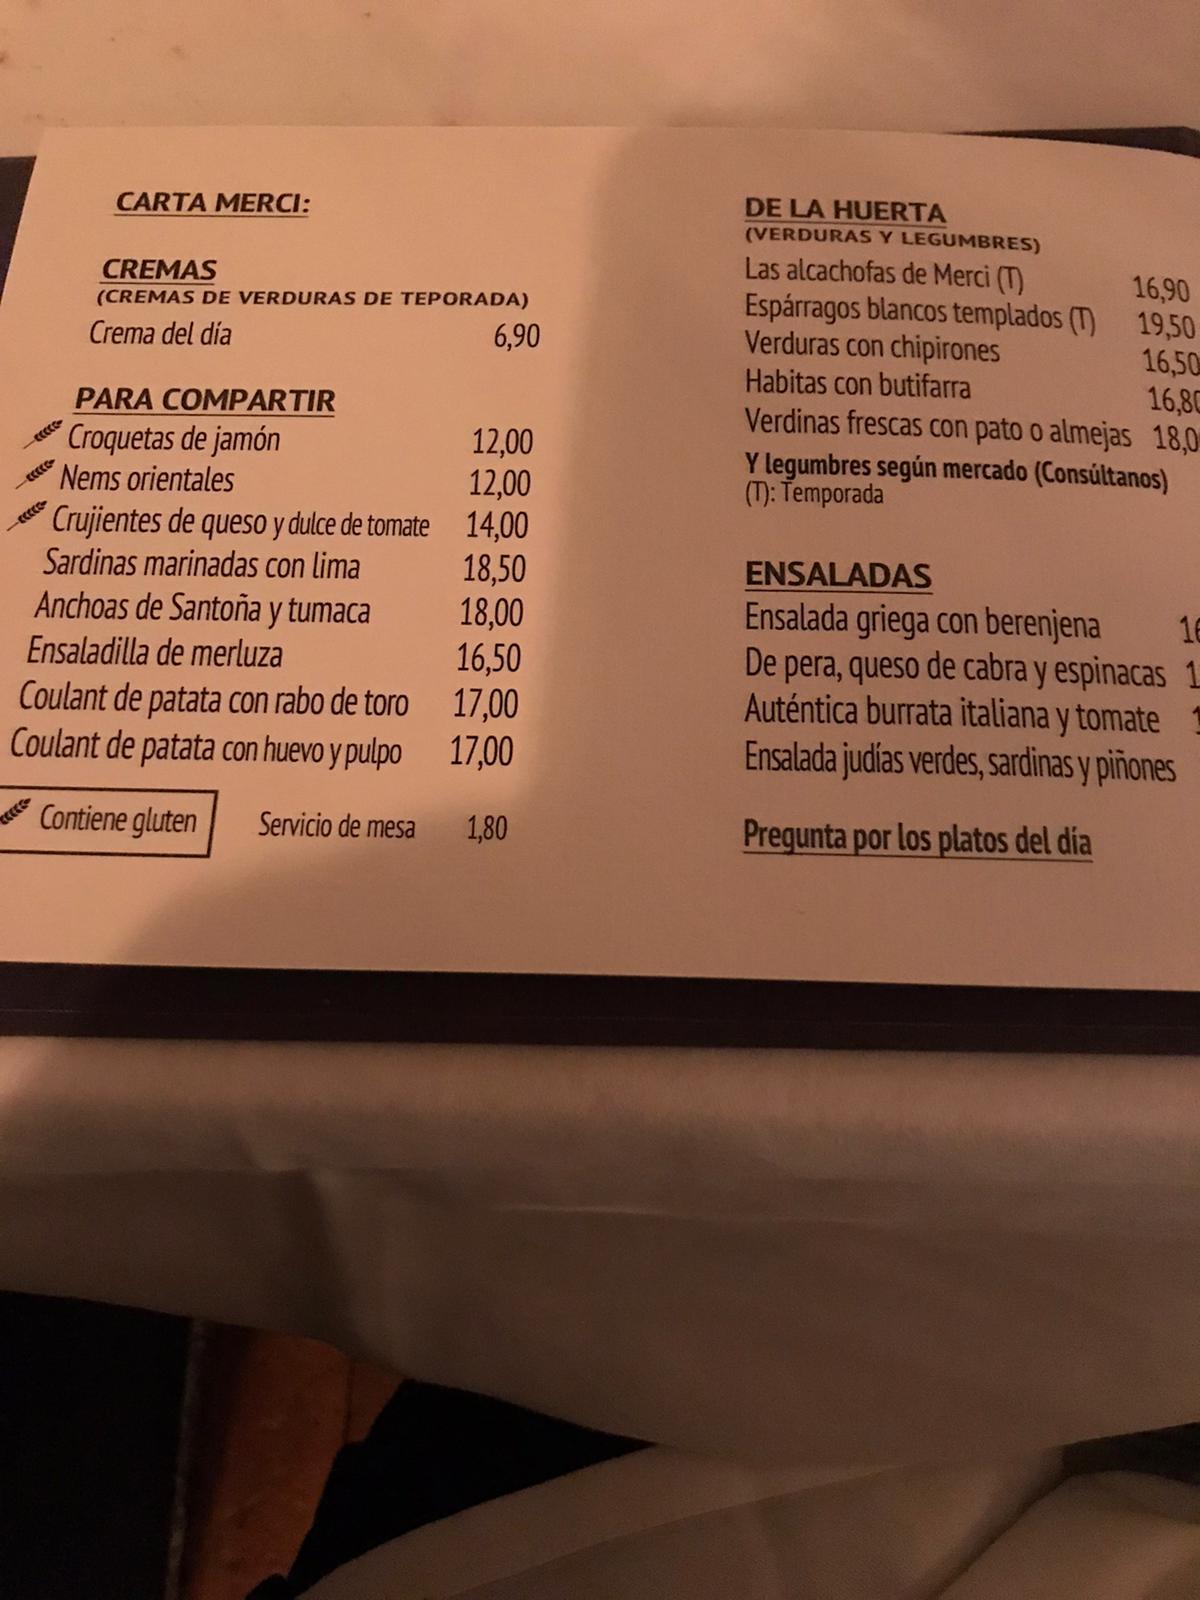 Reseñas Gastronómicas: Restaurante MERCI de Madrid 5